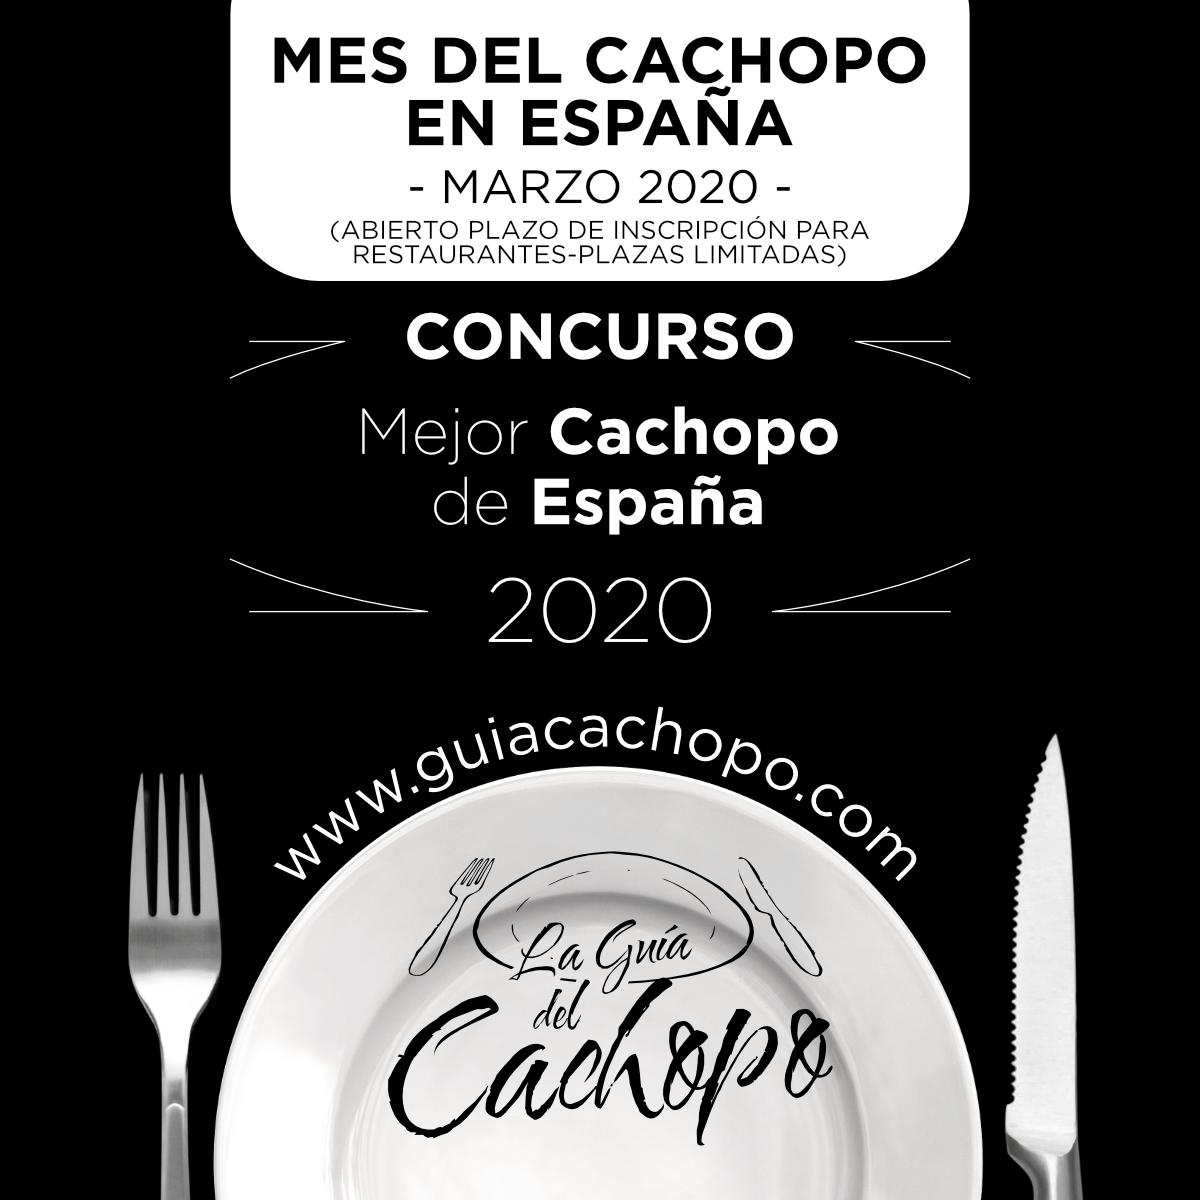 Mes_Cachopo